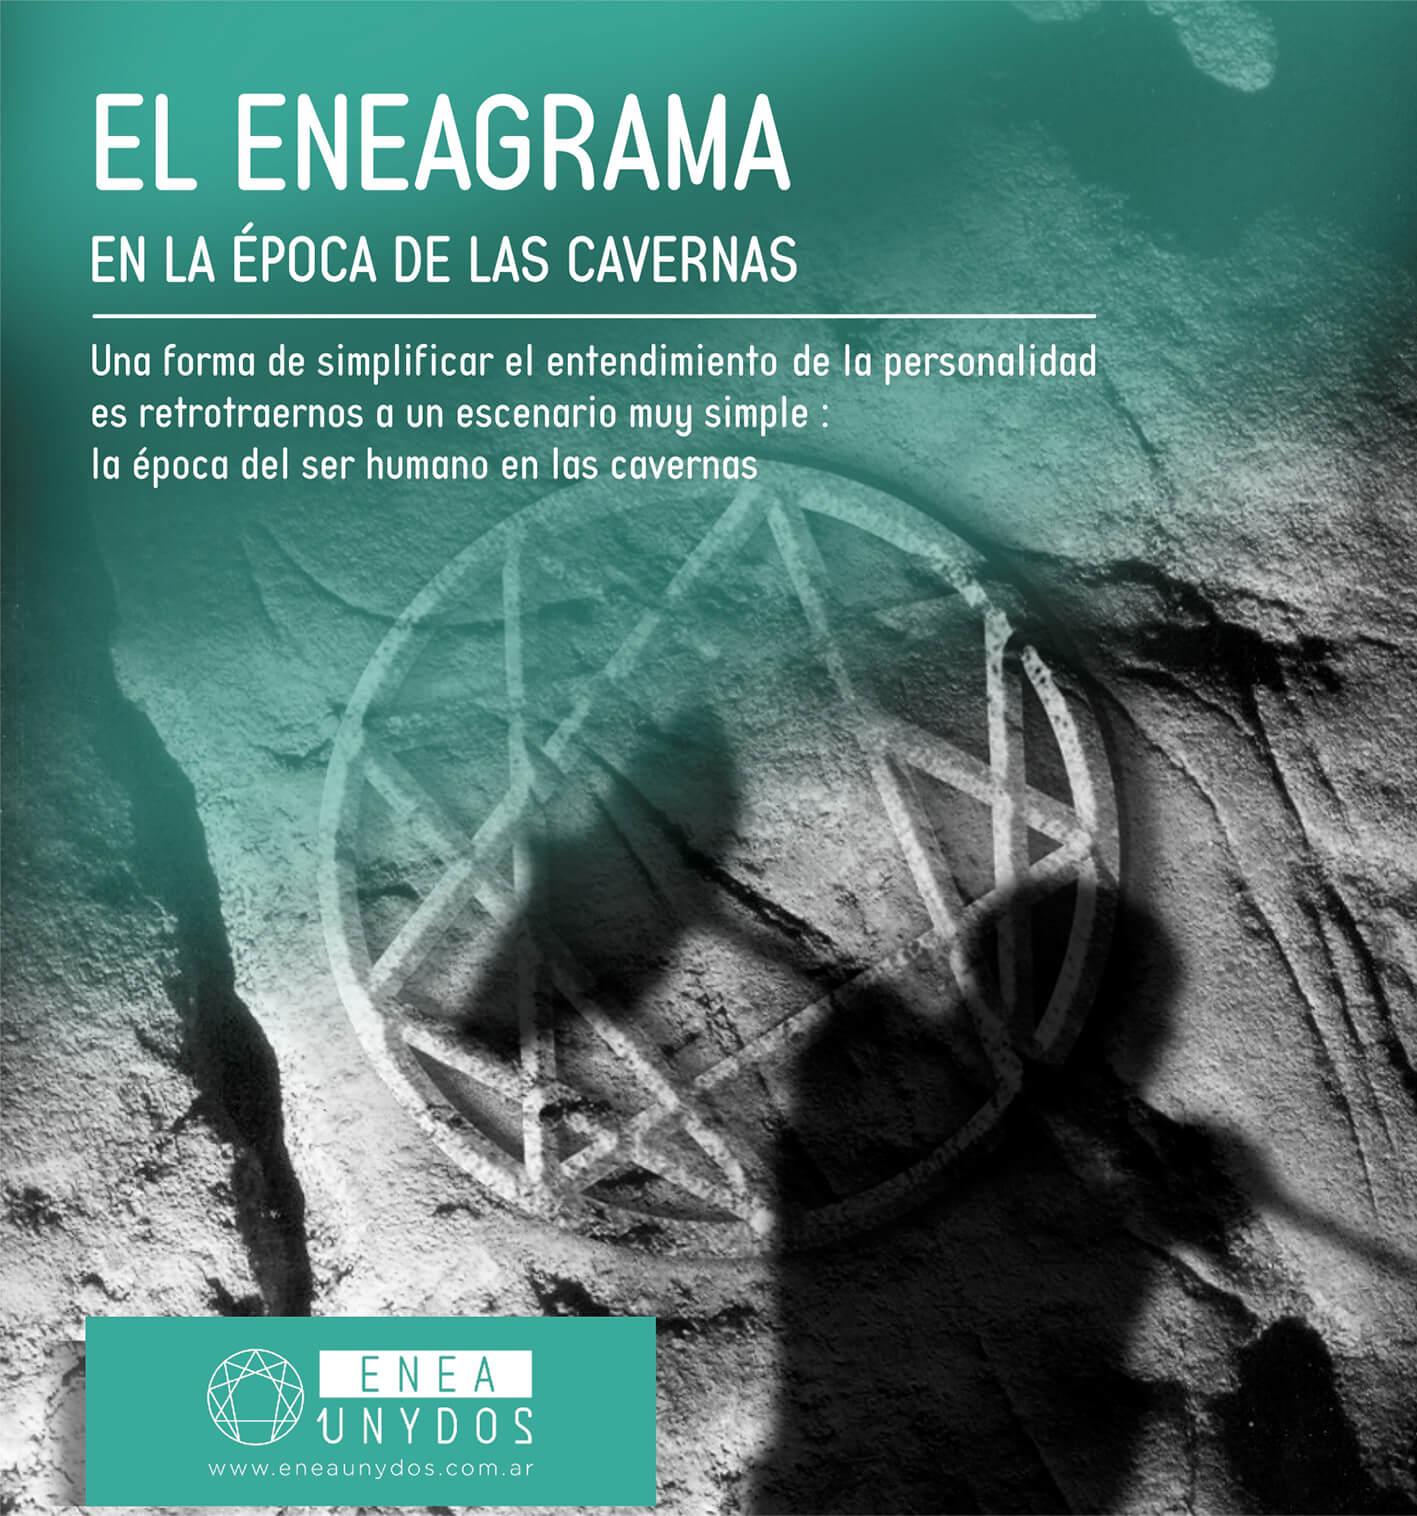 El Eneagrama en la época de las cavernas